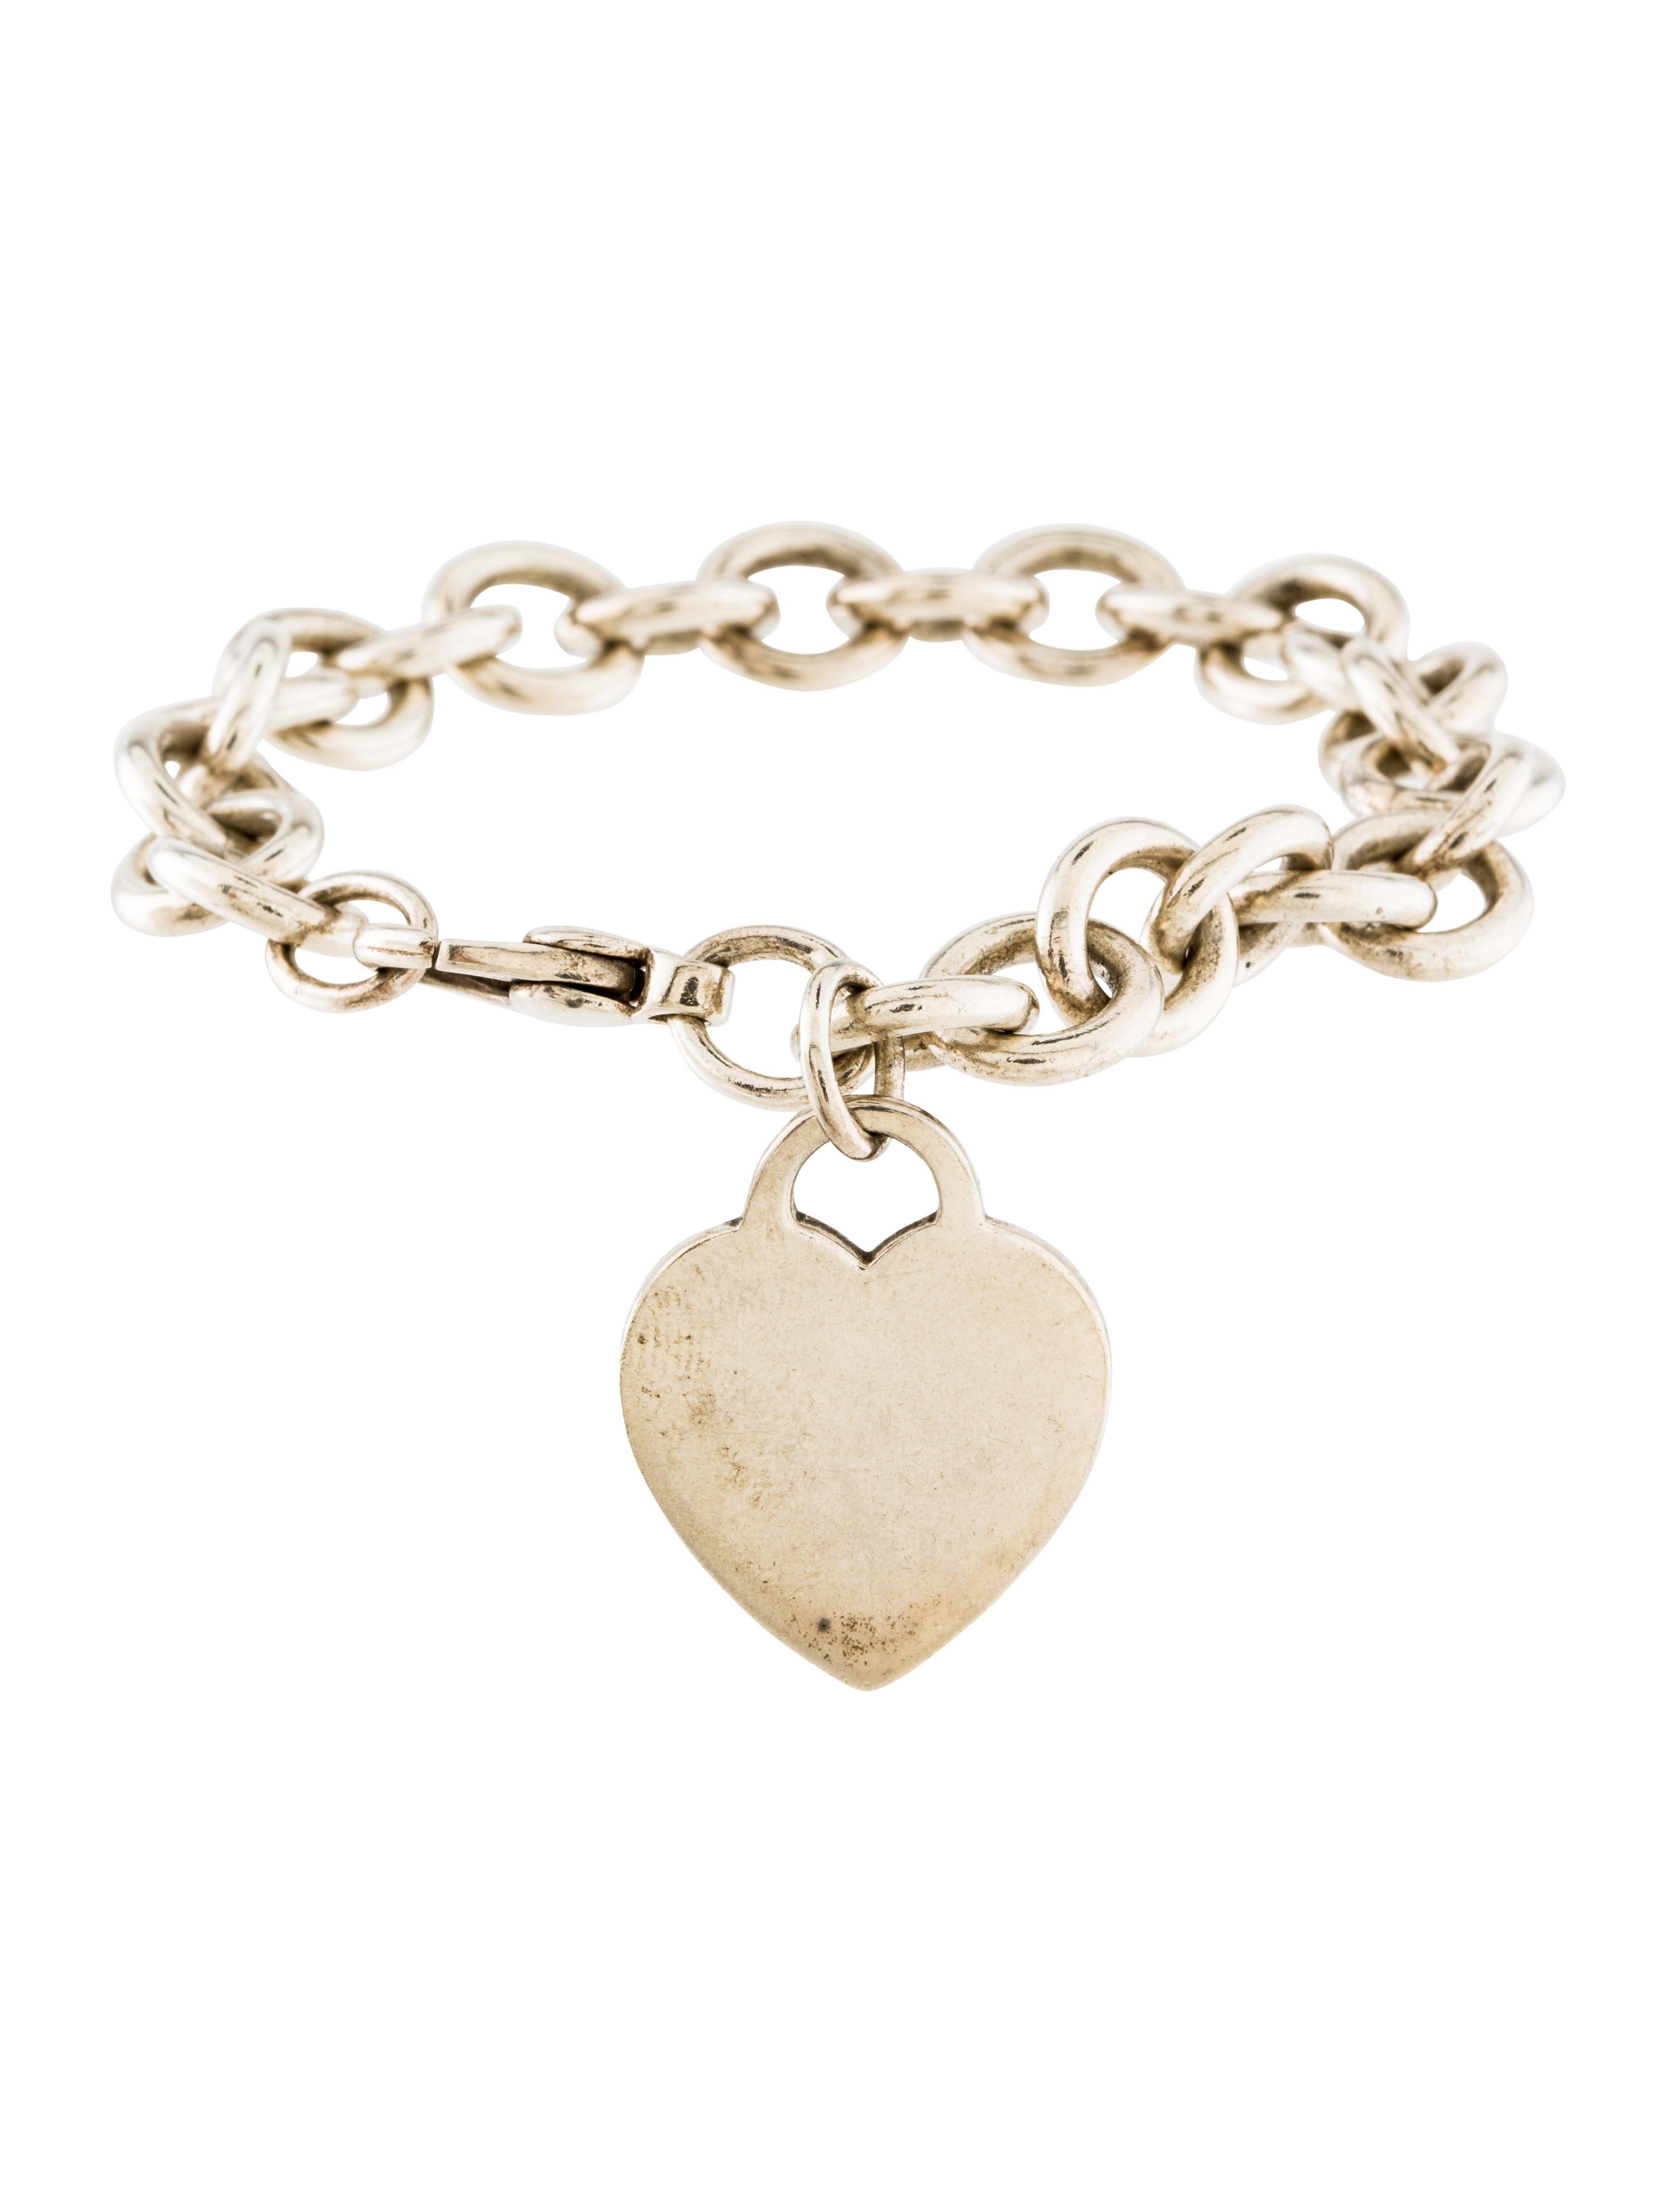 co tag charm bracelet bracelets